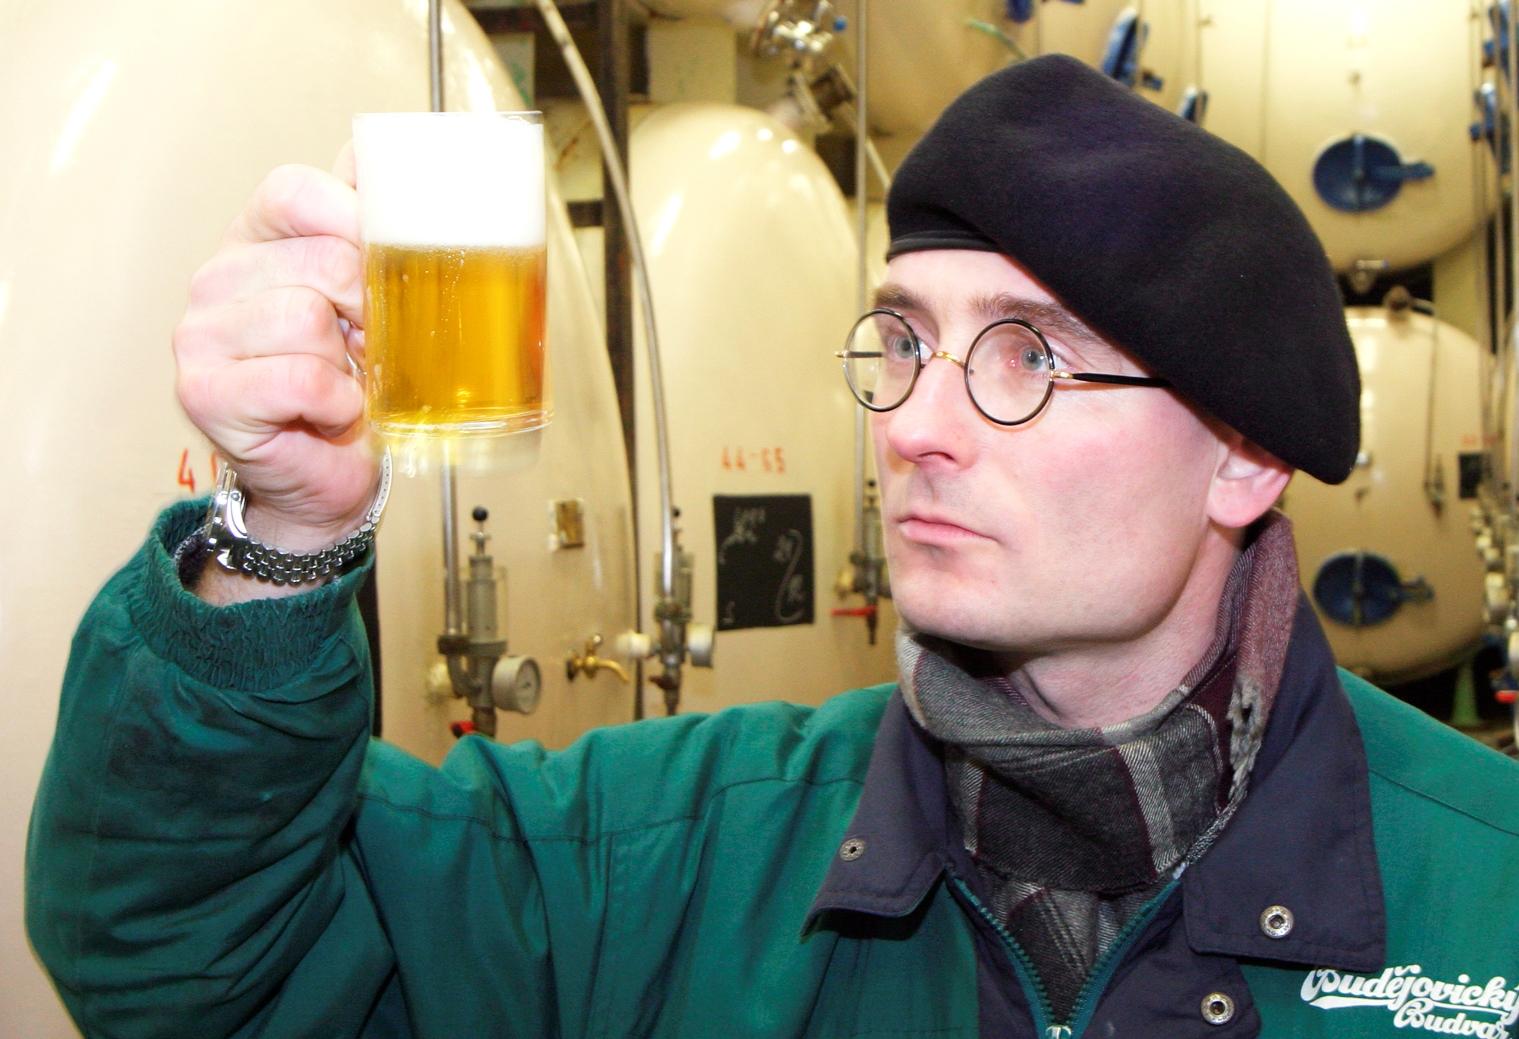 Pivní someliér Budvaru Aleš Dvořák